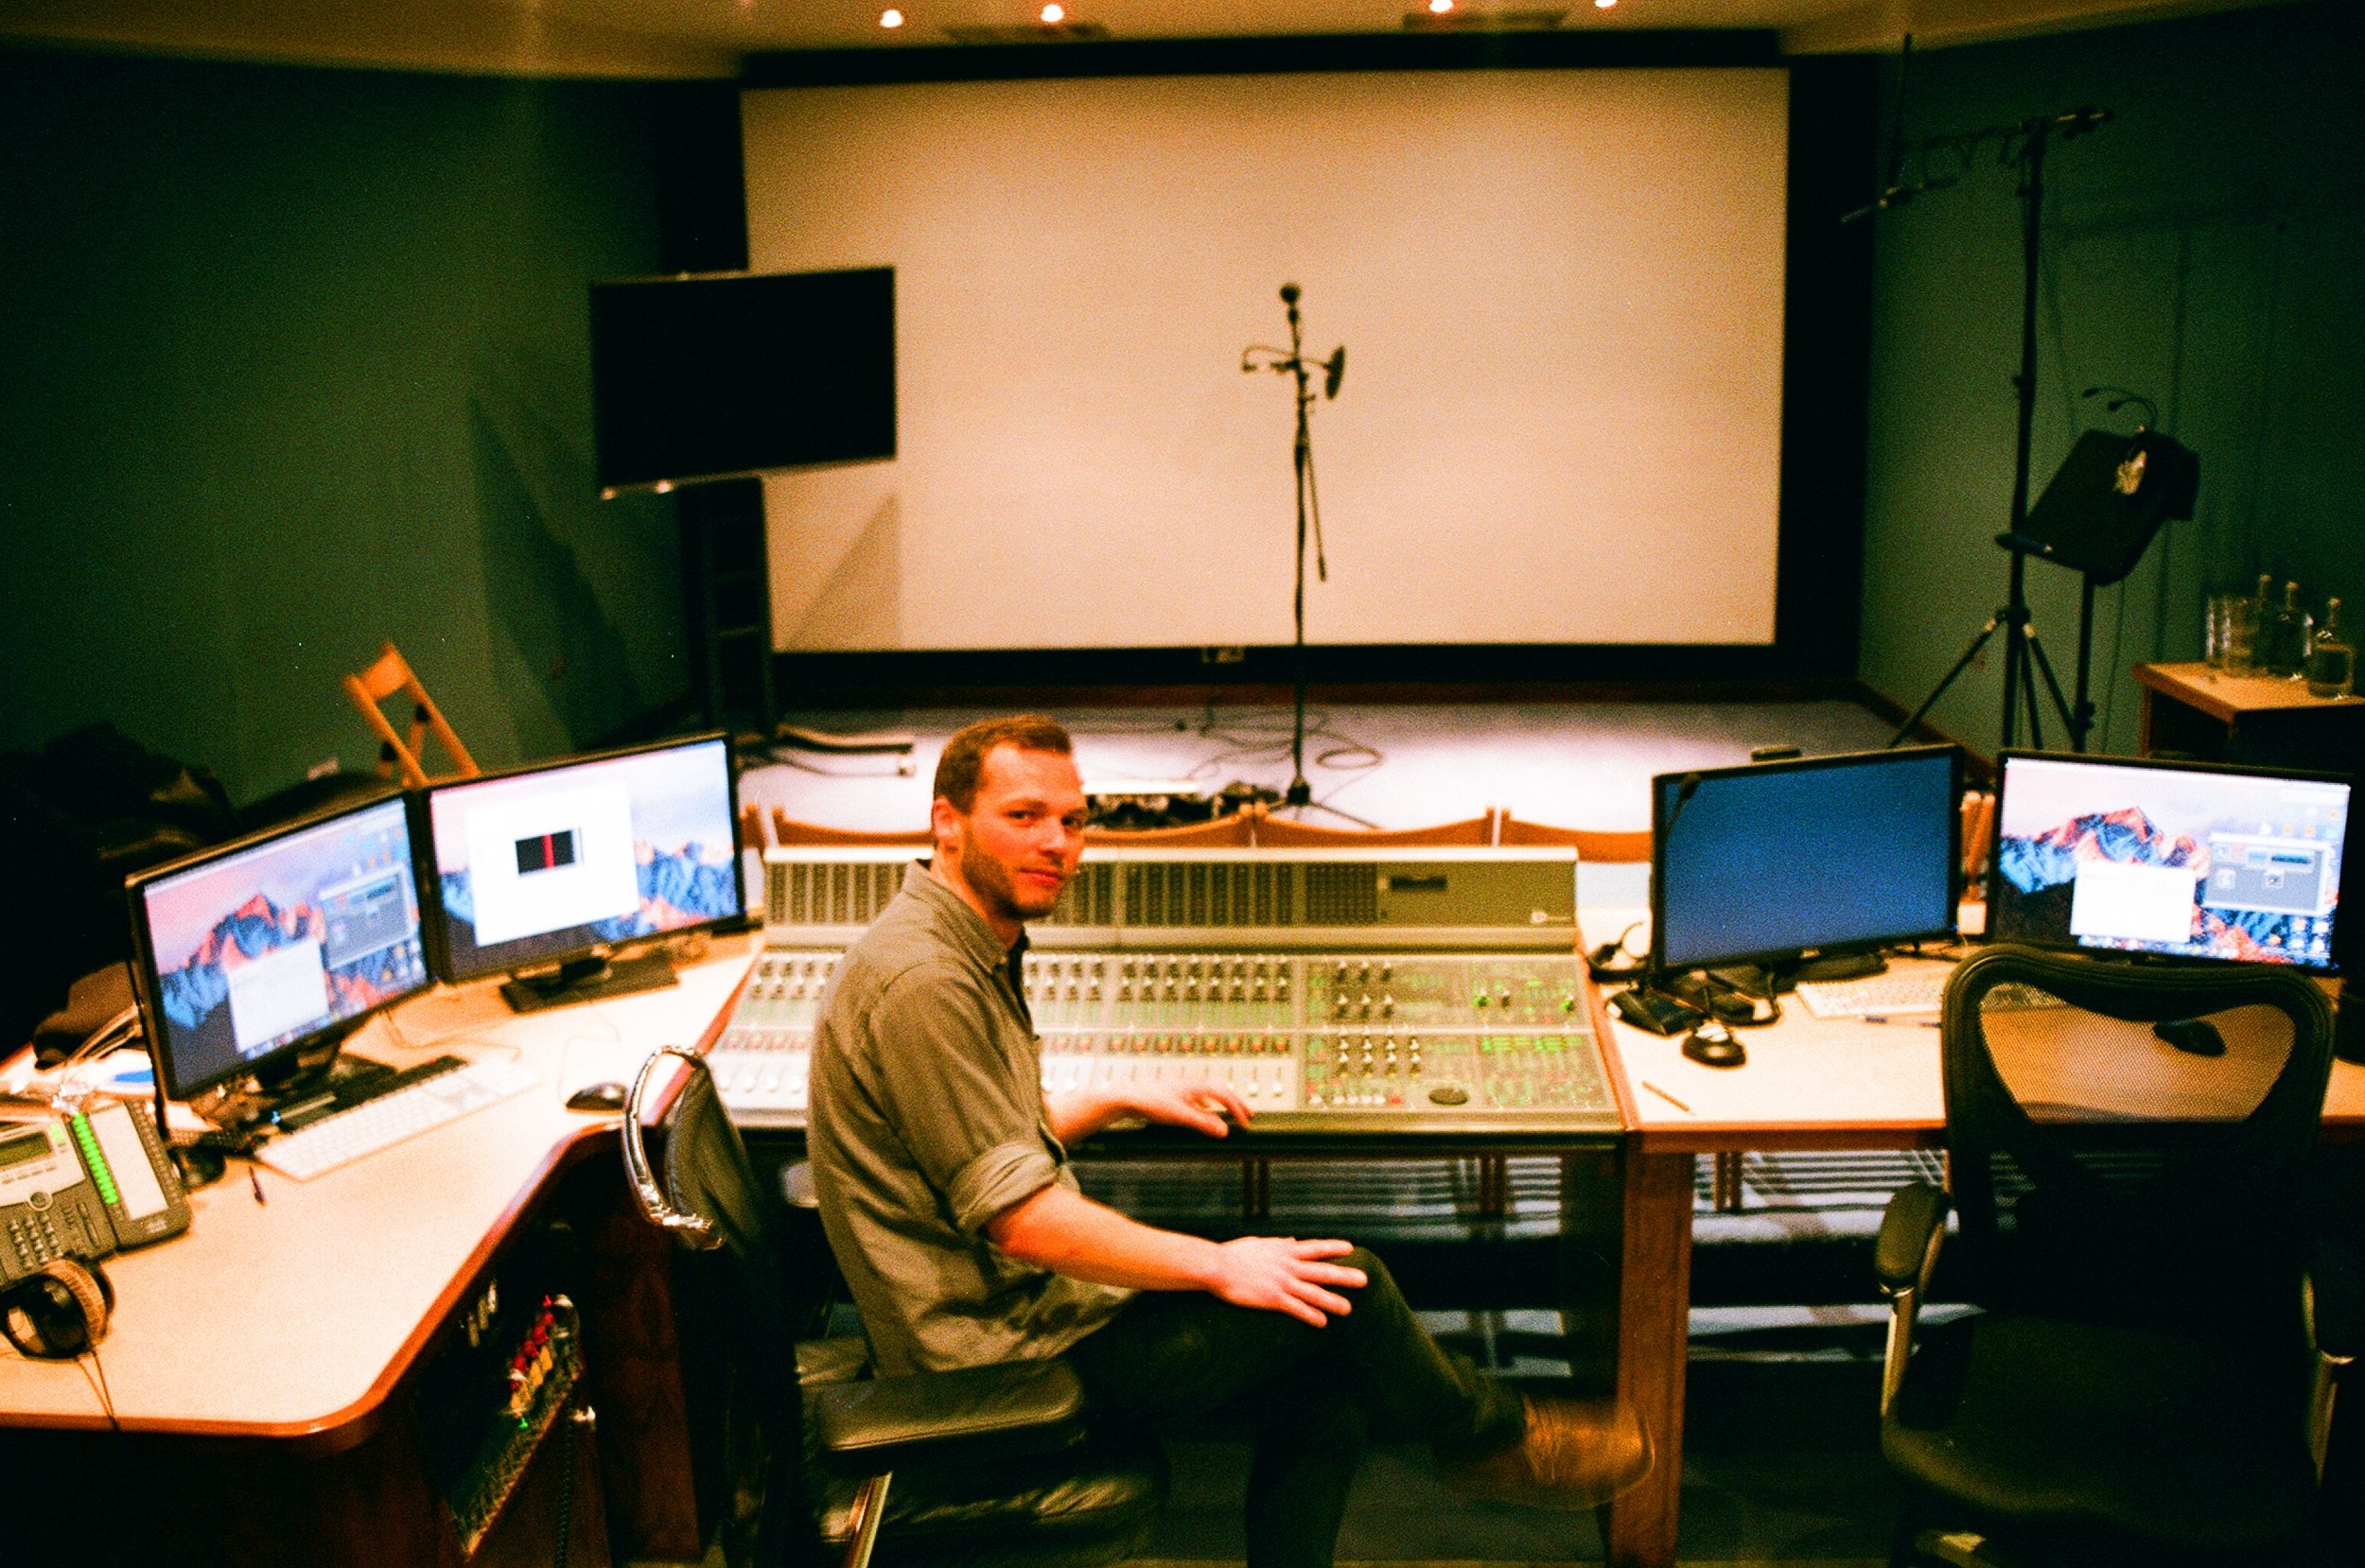 Jim Goddard at work in Boom, a post-production studio based in Soho, London.